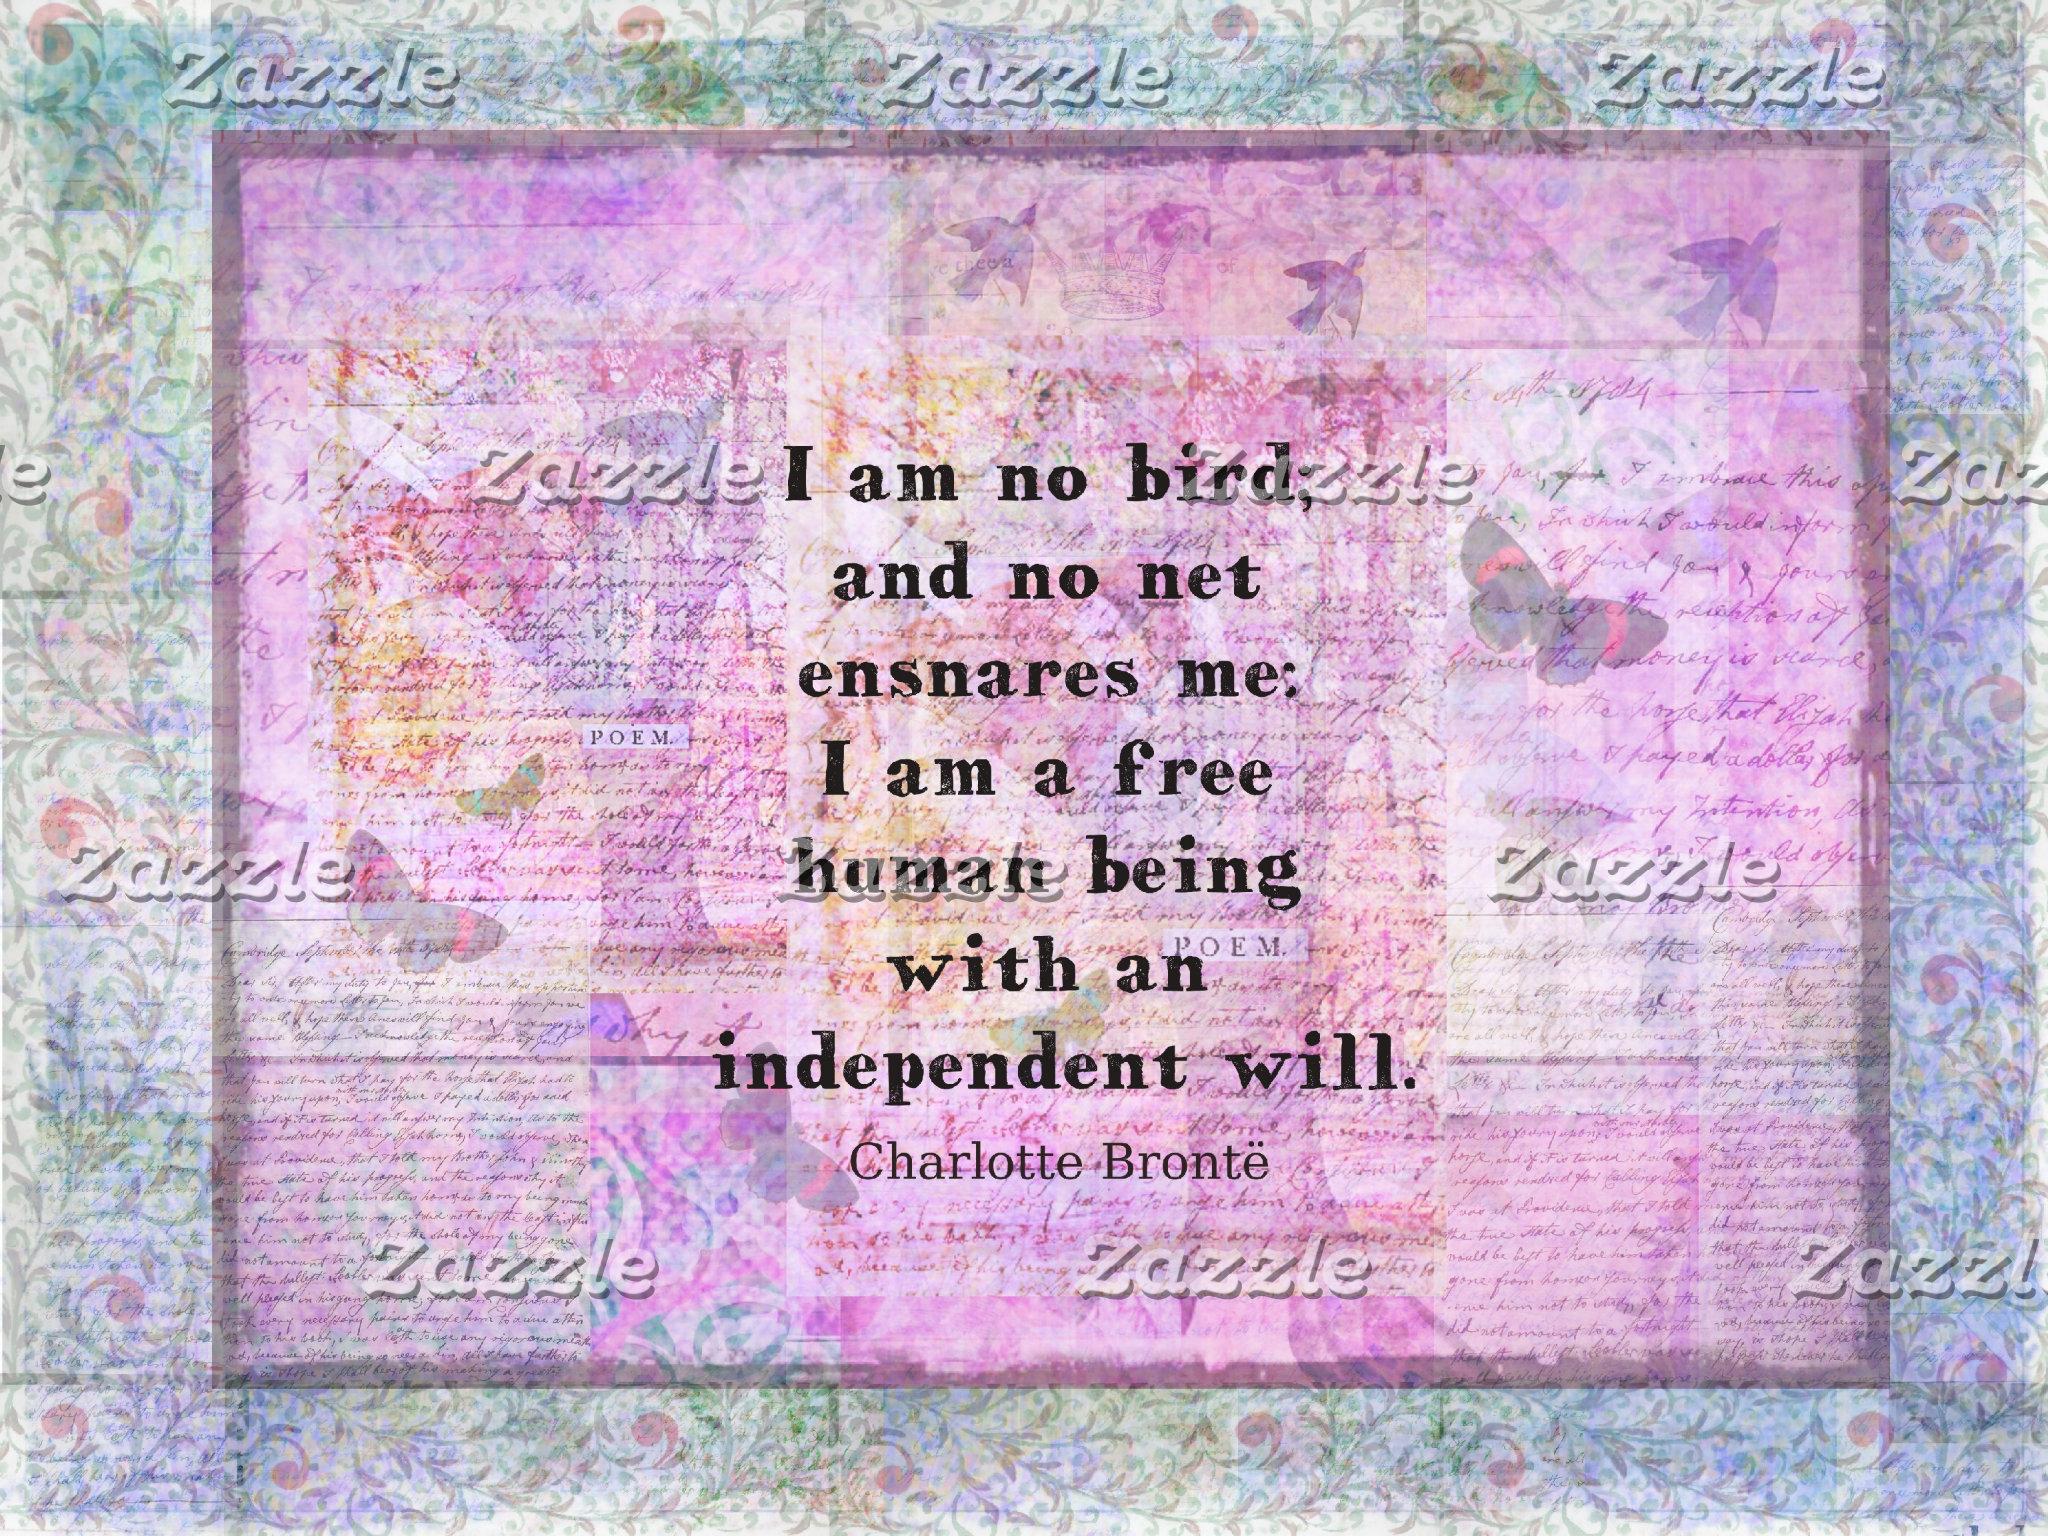 I am no bird; and no net ensnares me: I am a free